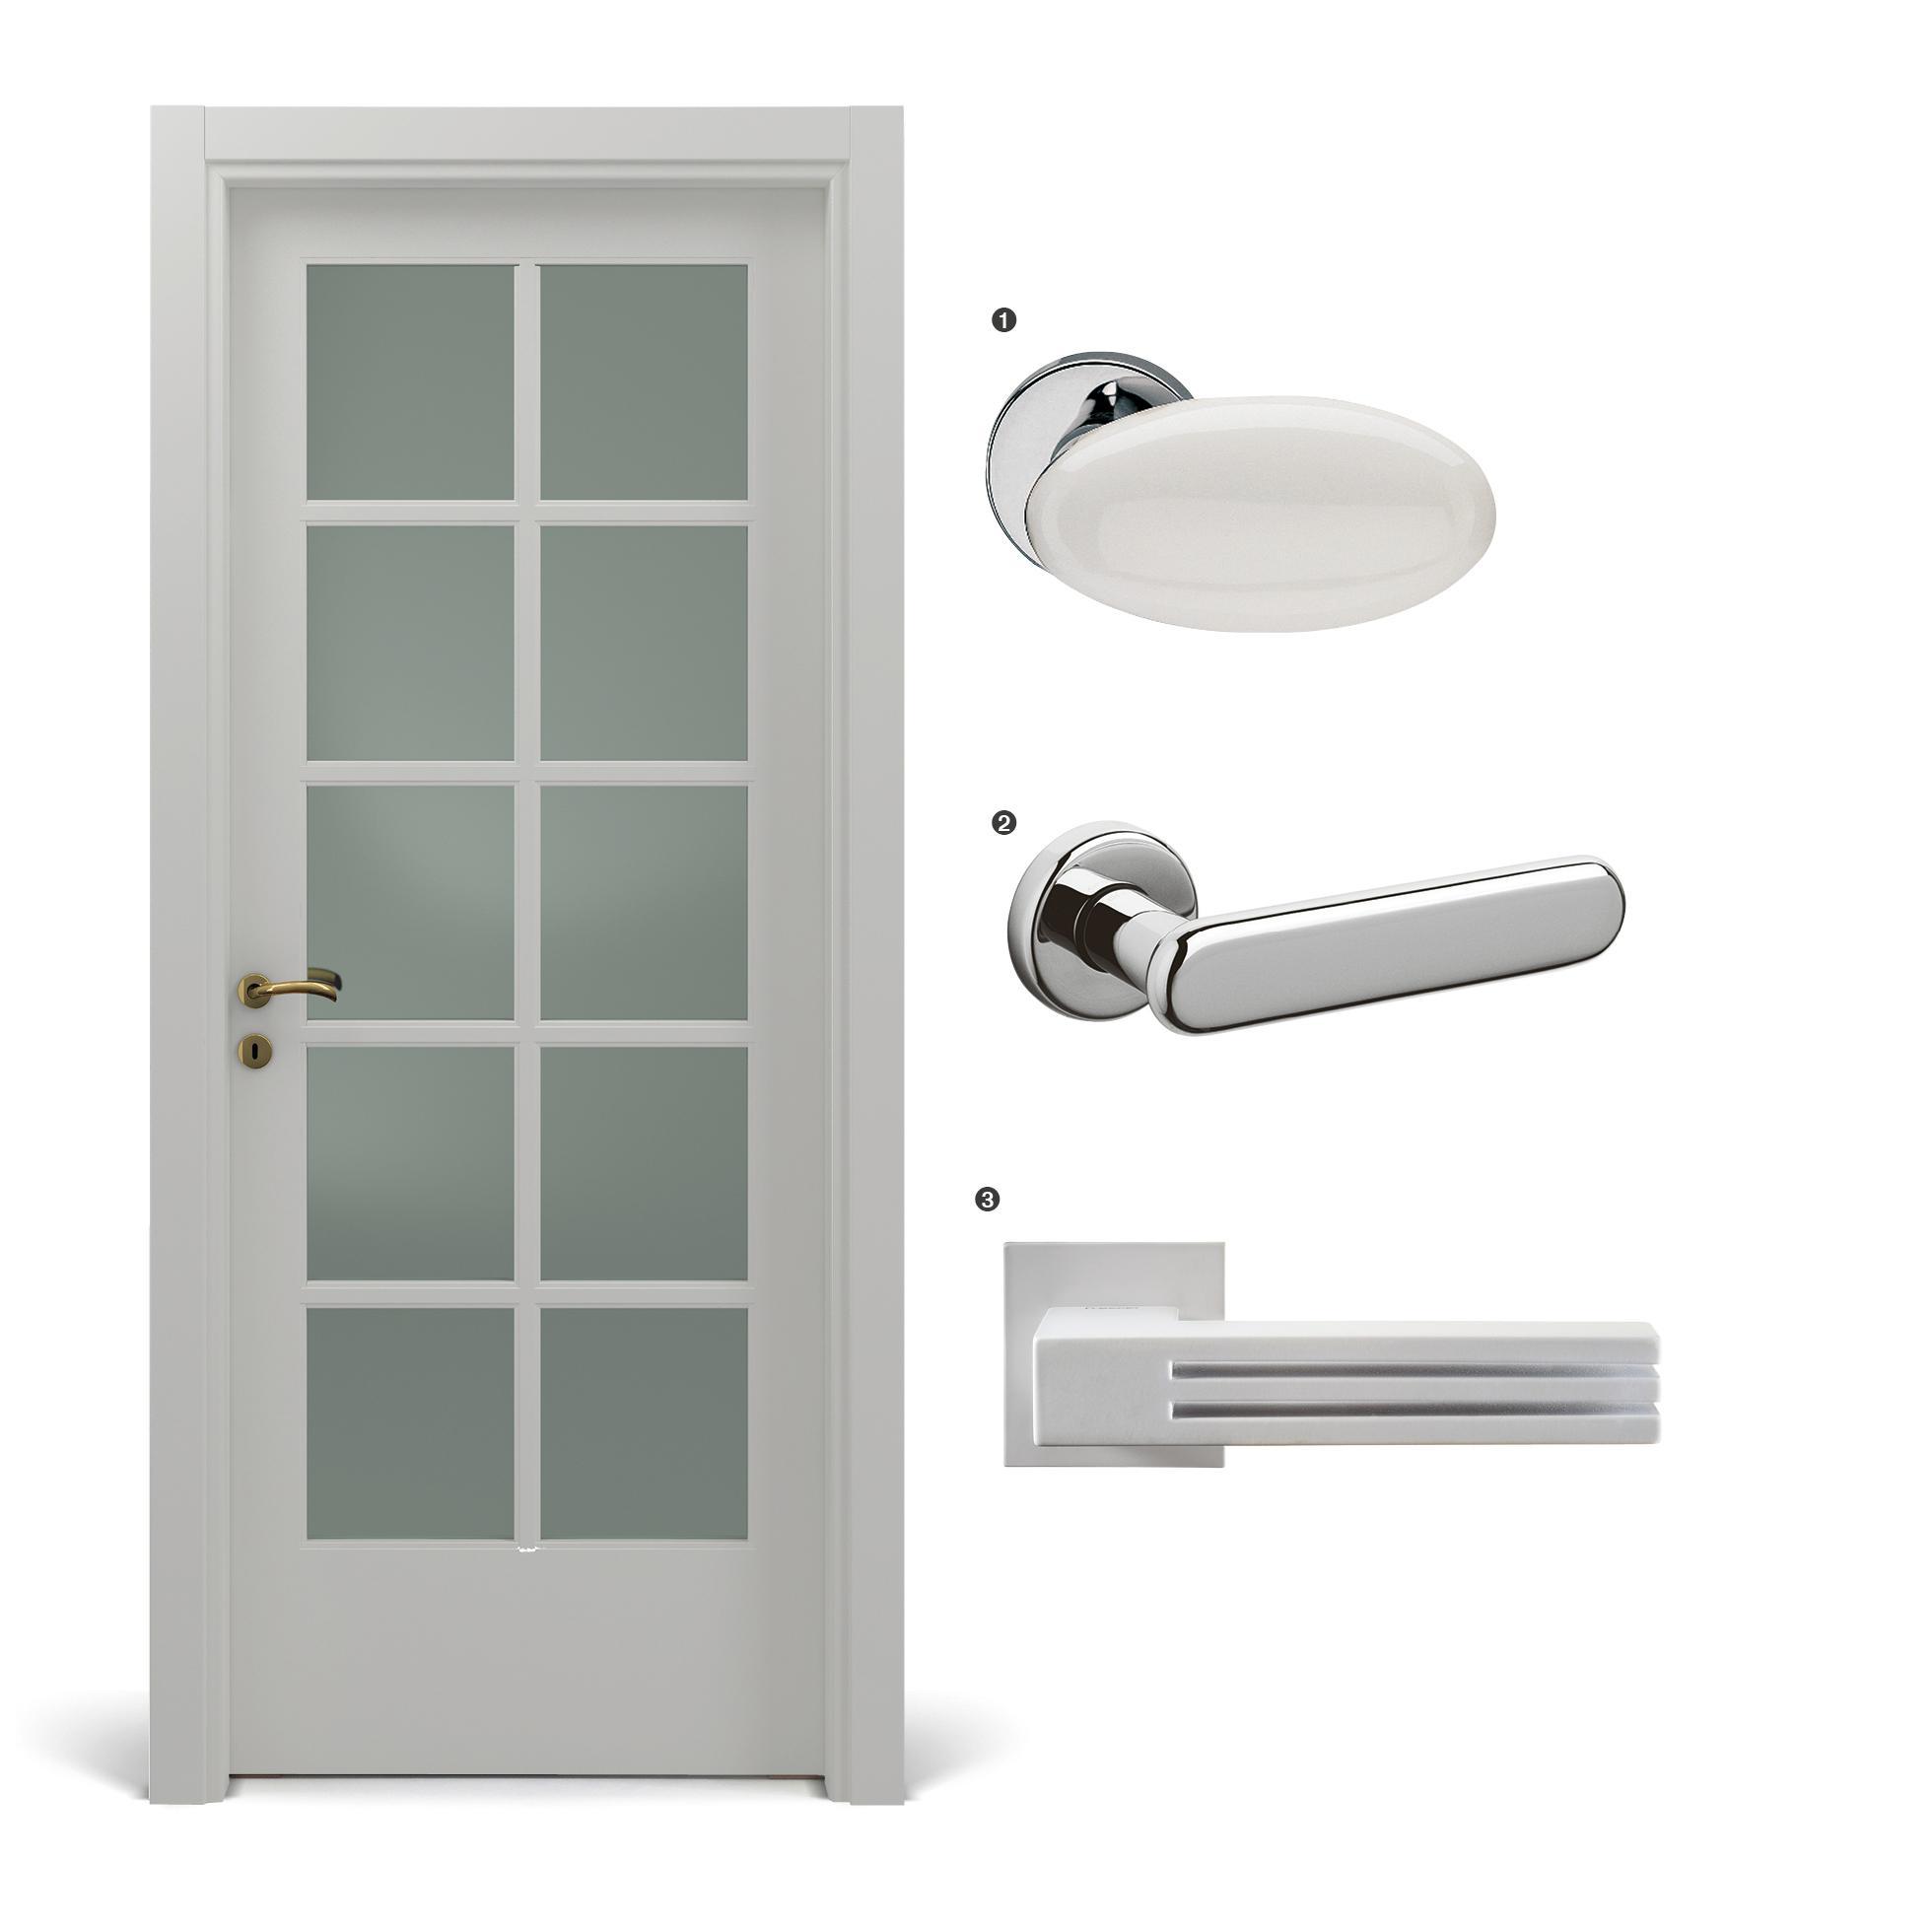 Verniciare Porte Interne Bianche abbinare porte e maniglie: come scegliere stili e colori